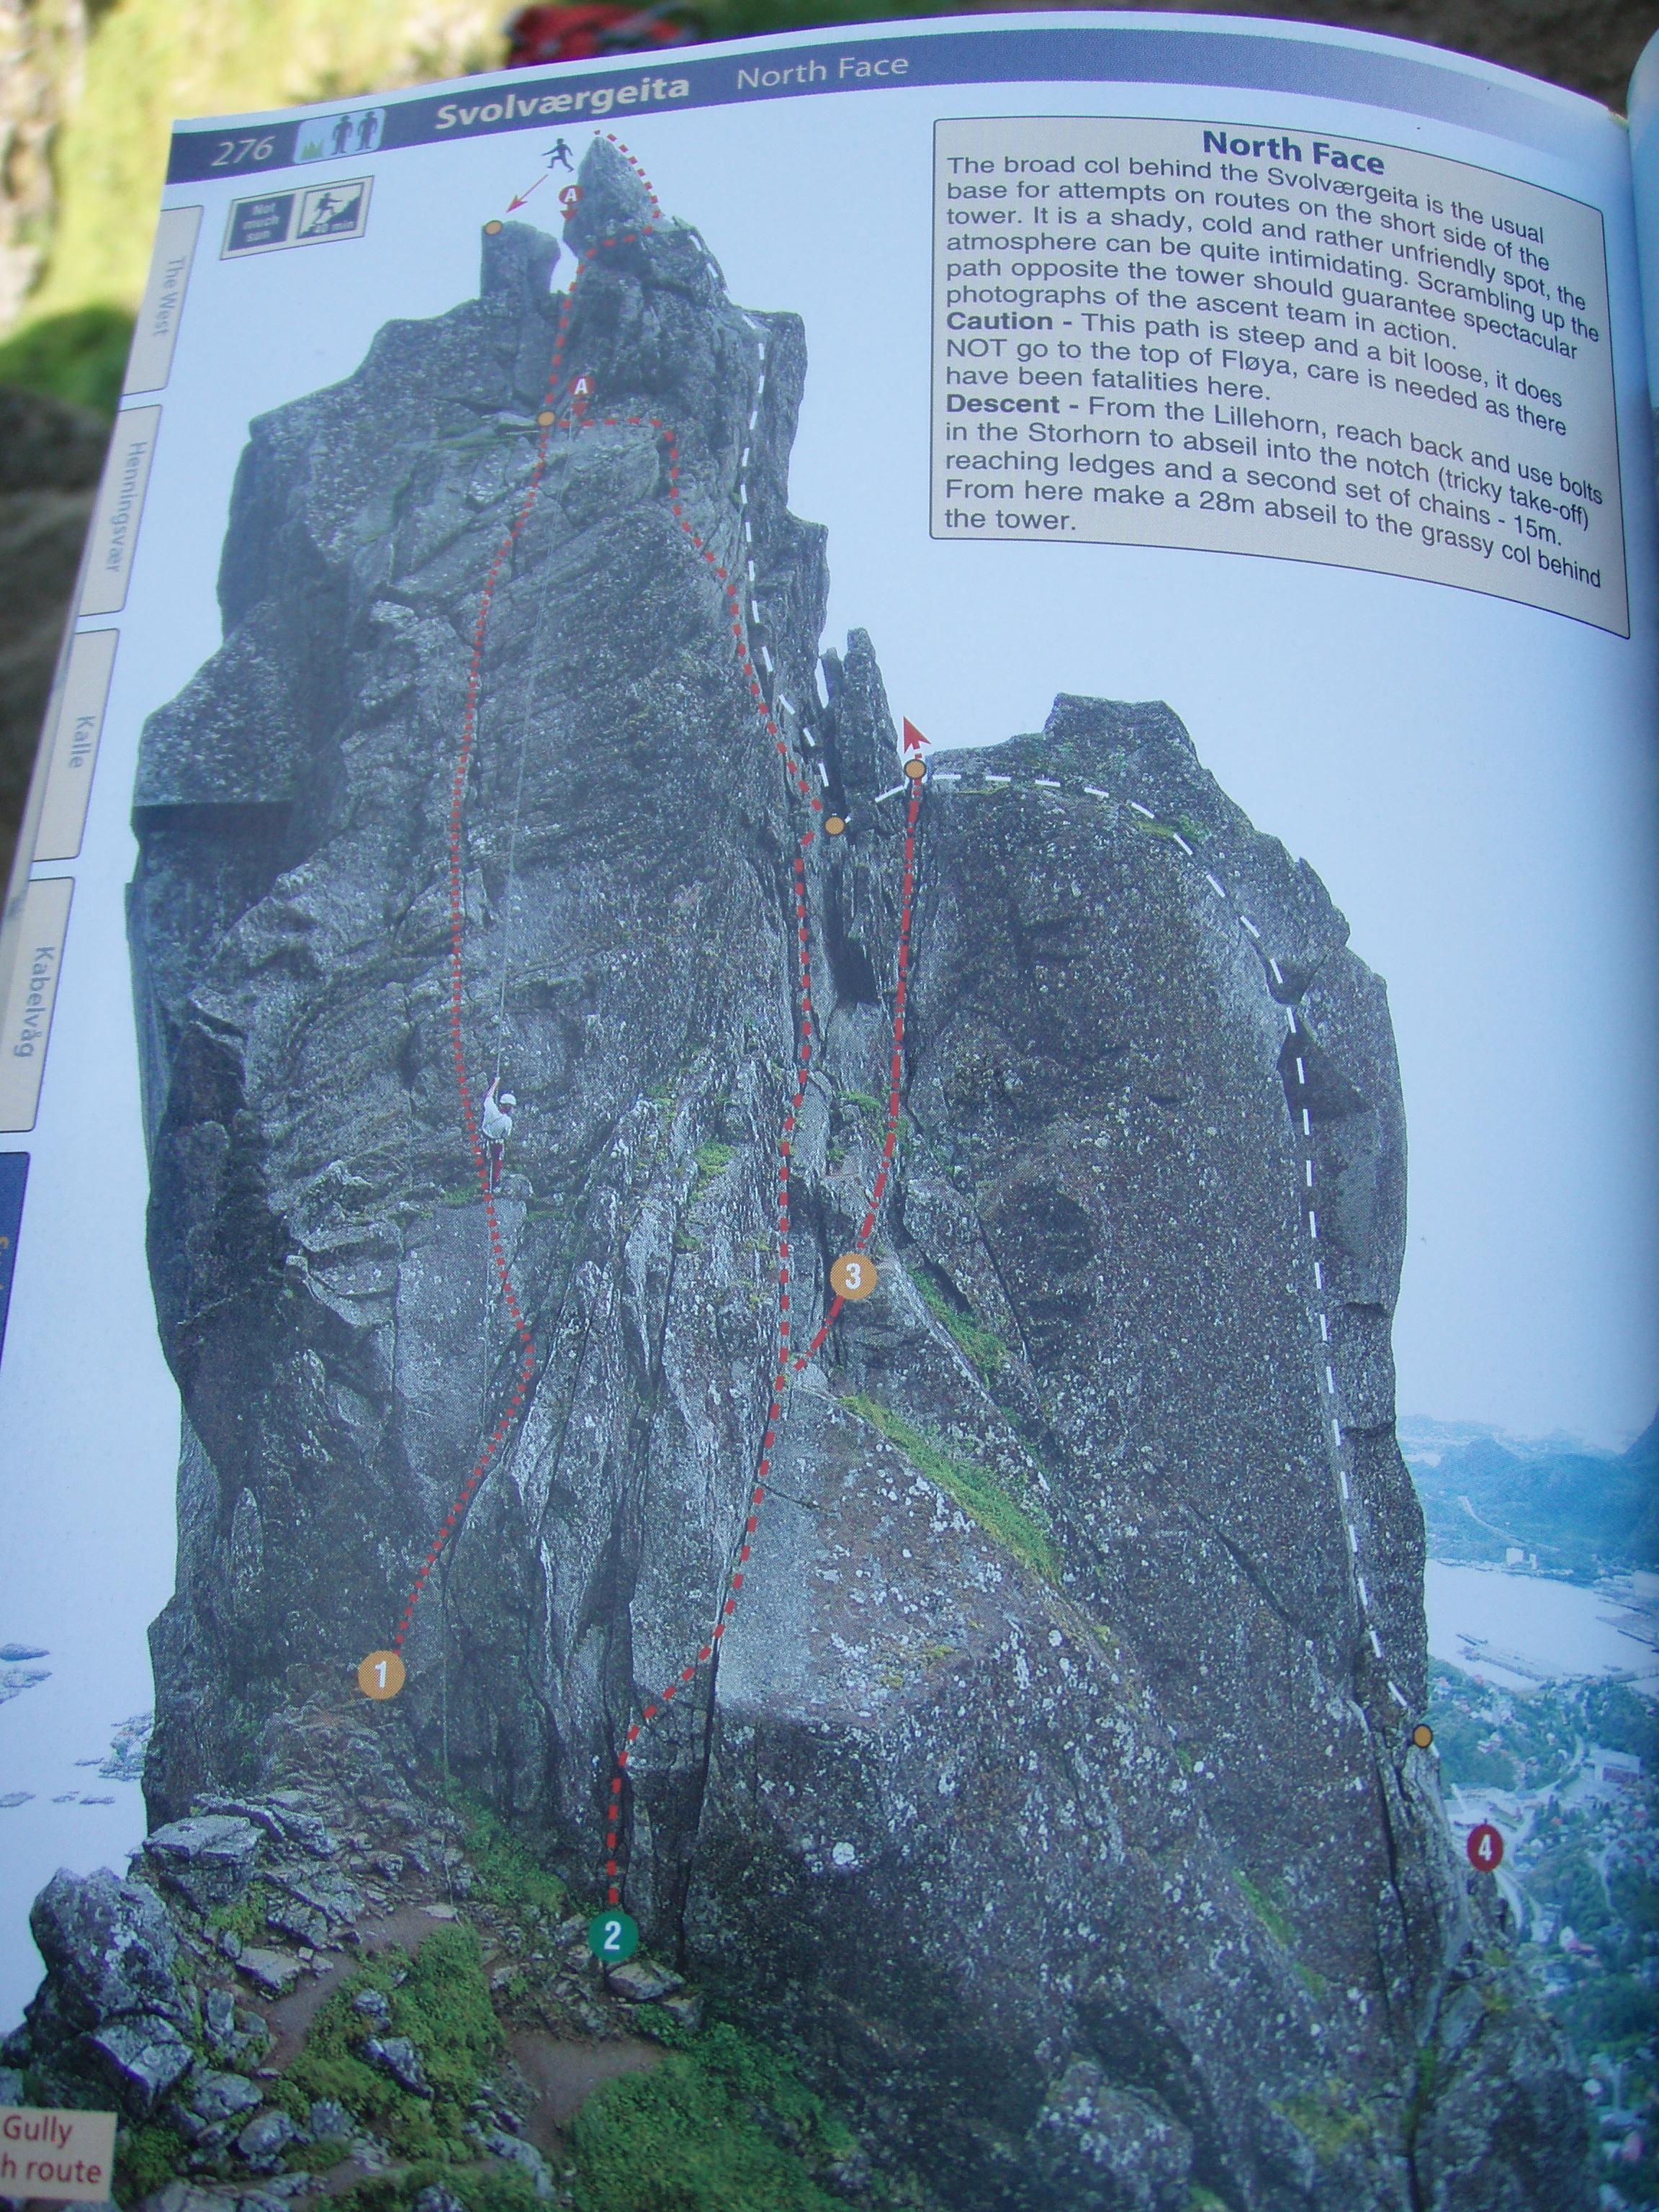 Klatretur Til Lofoten Reiseskildringer Travel And